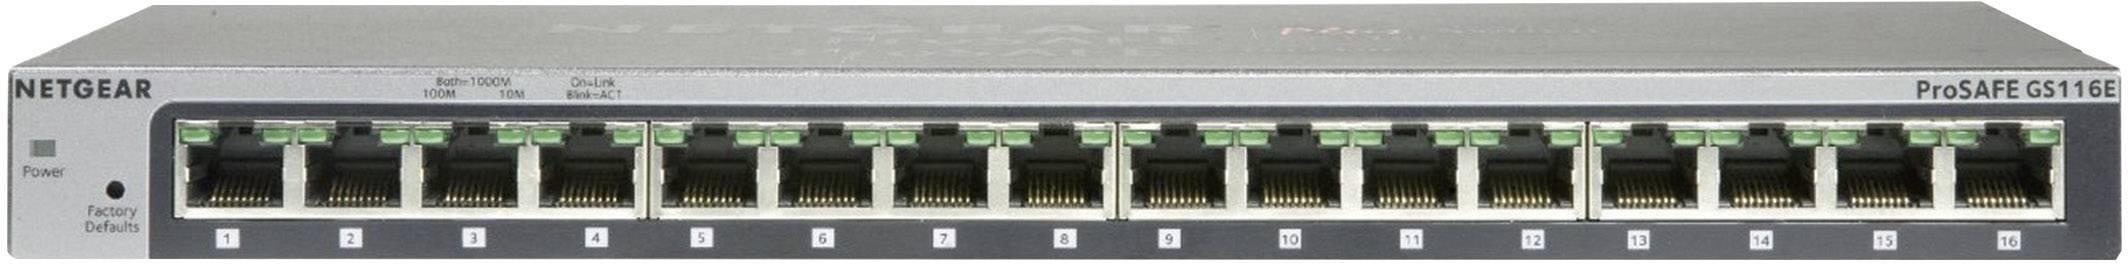 Síťový switch NETGEAR, GS116E, 16 portů, 1 Gbit/s